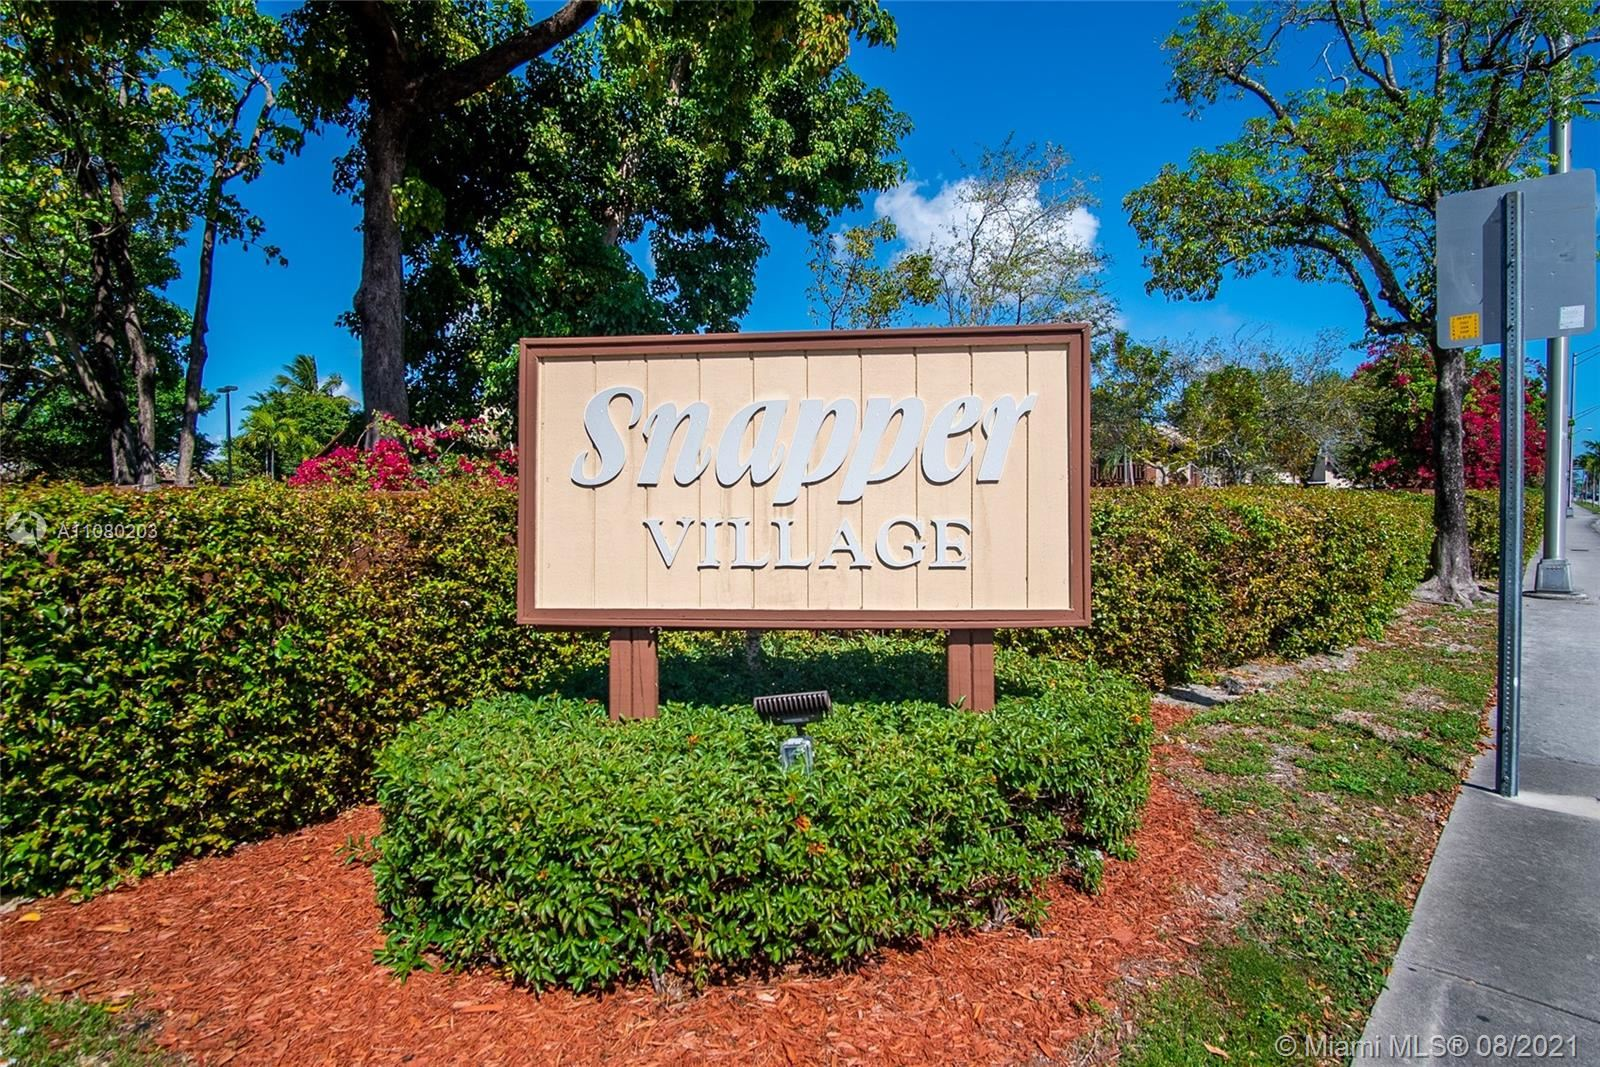 7074 SW 114th Pl #C, Miami, FL 33173 - #: A11080203